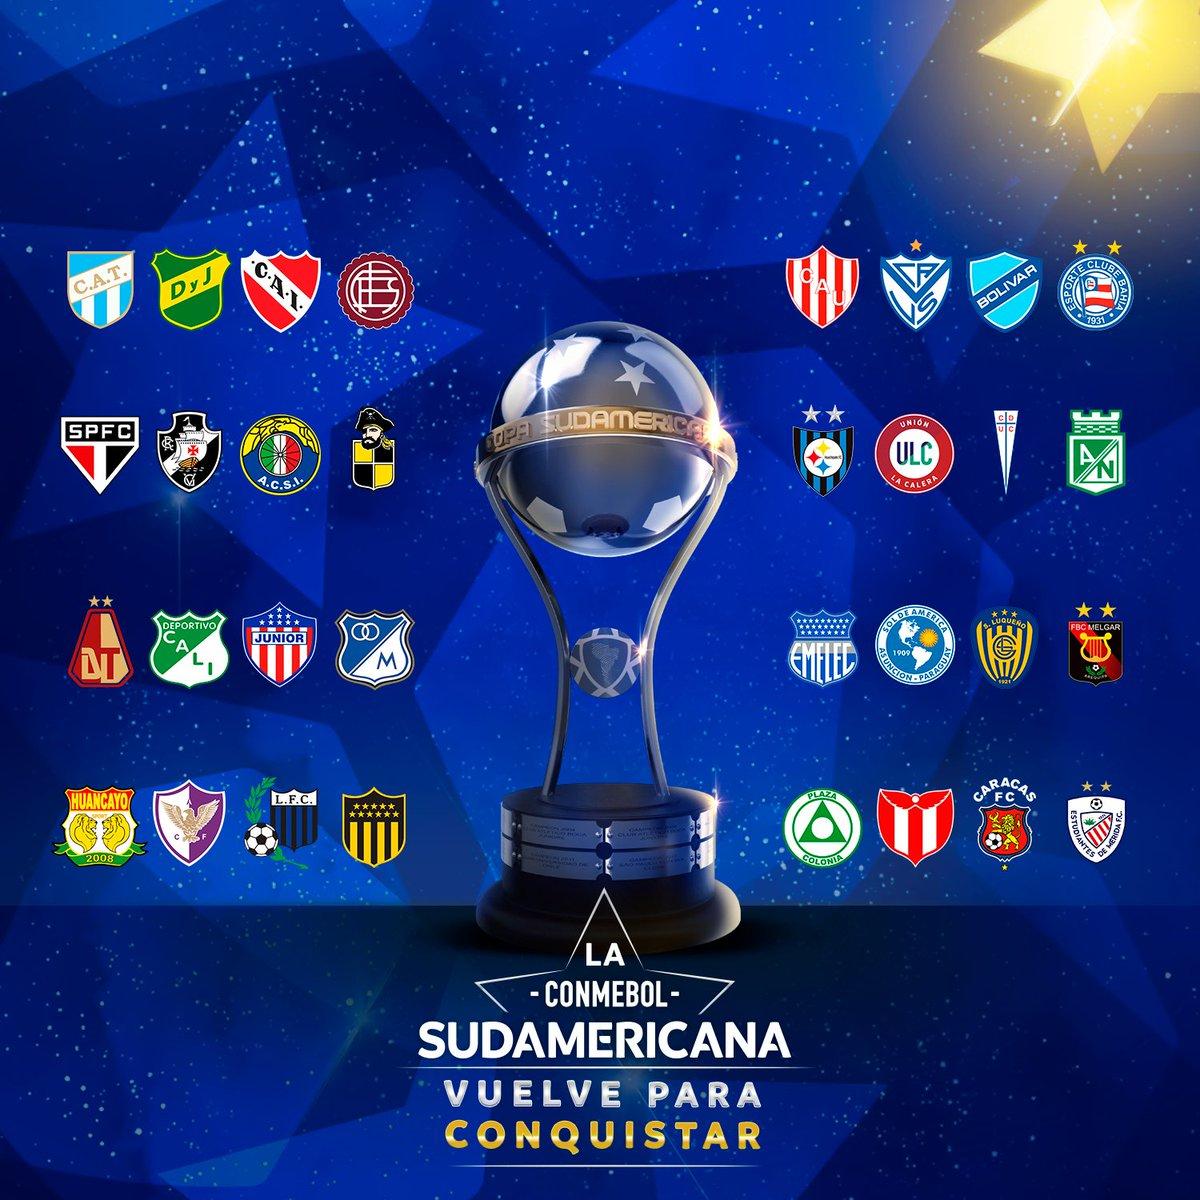 😍 ¡Llega el día! Este martes vuelve la #Sudamericana.  3⃣2⃣ ilusiones detrás del sueño de alcanzar #LaGranConquista.   🤔 ¿Quién será el campeón? https://t.co/ZW564yD1vg